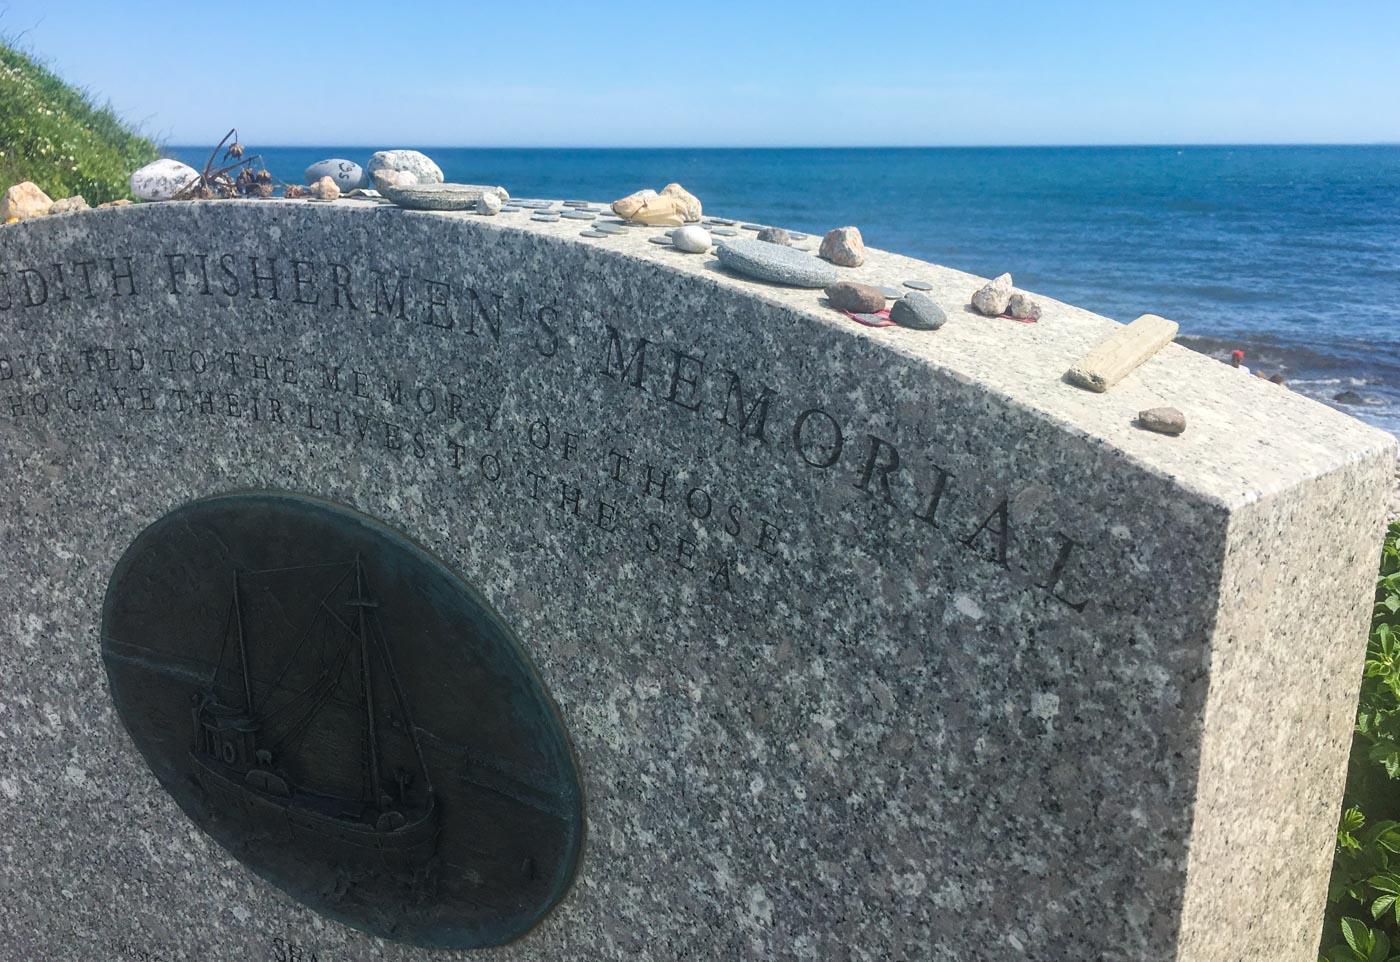 The Fishermen's Memorial overlooking the sea.